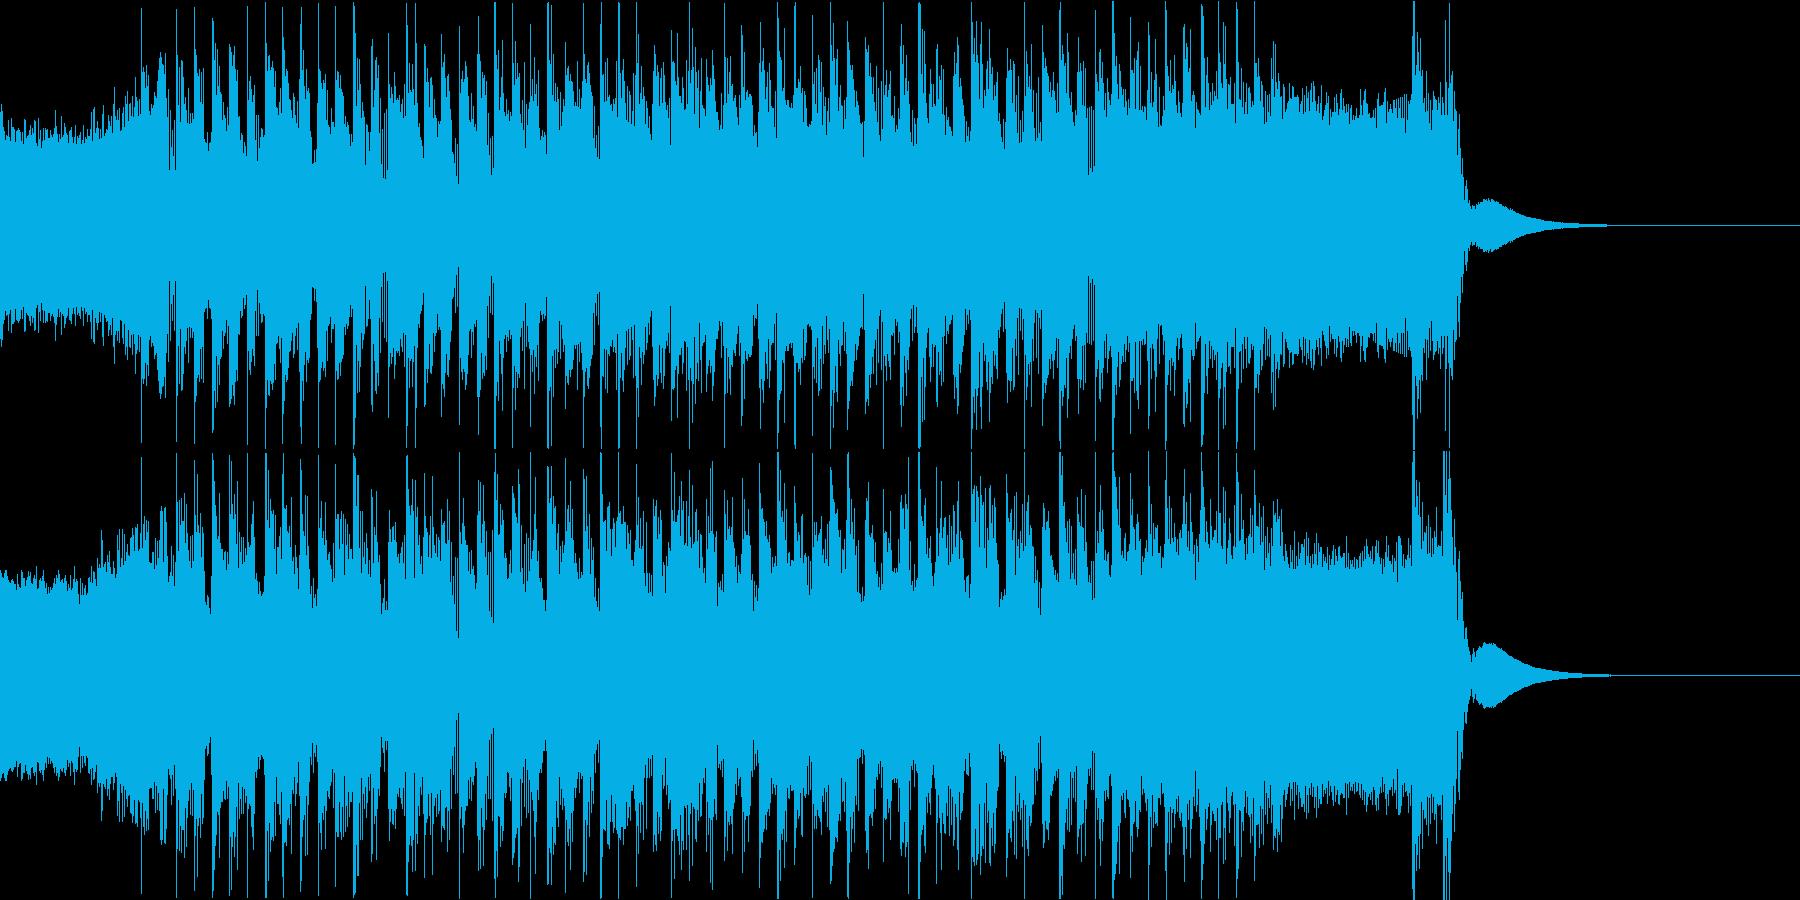 攻撃的で悪そうな雰囲気のメタルジングルの再生済みの波形